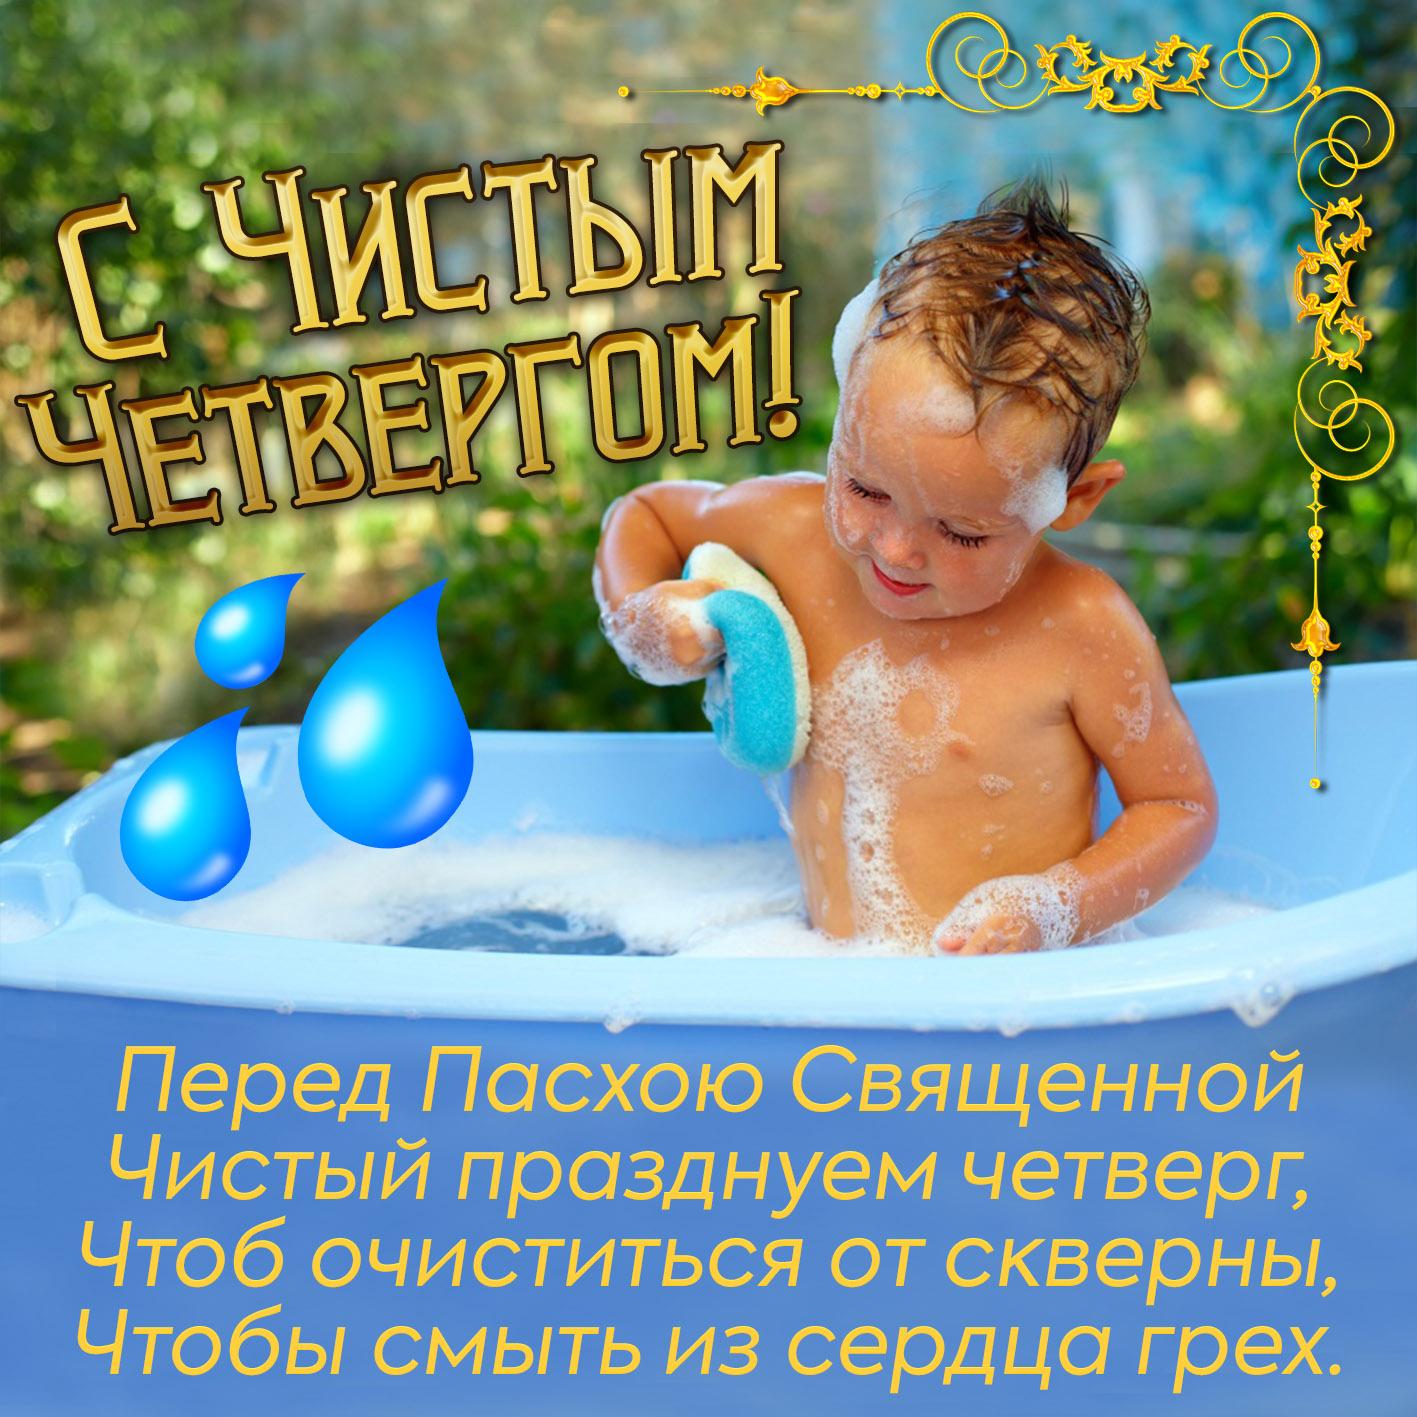 Открытка - умывающийся малыш поздравляет с Чистым четвергом